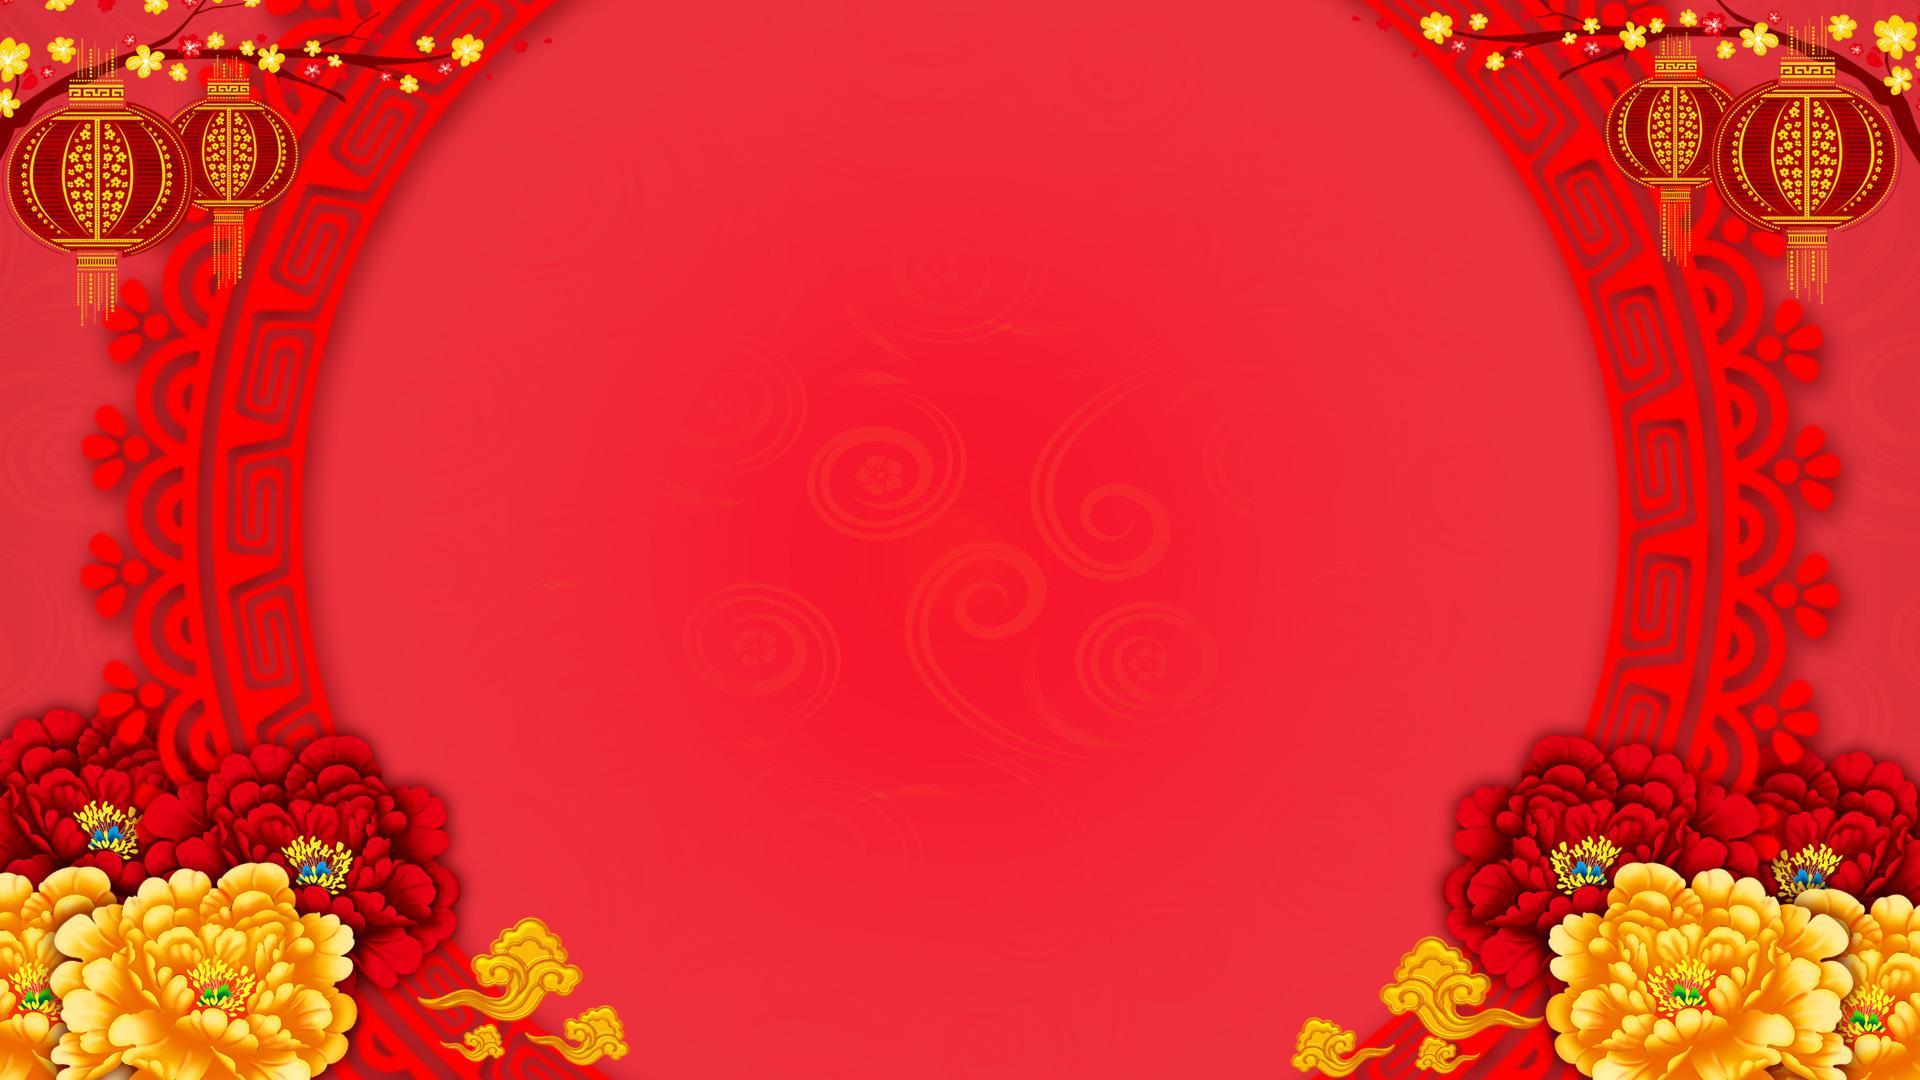 春节快乐<br>牛气冲天